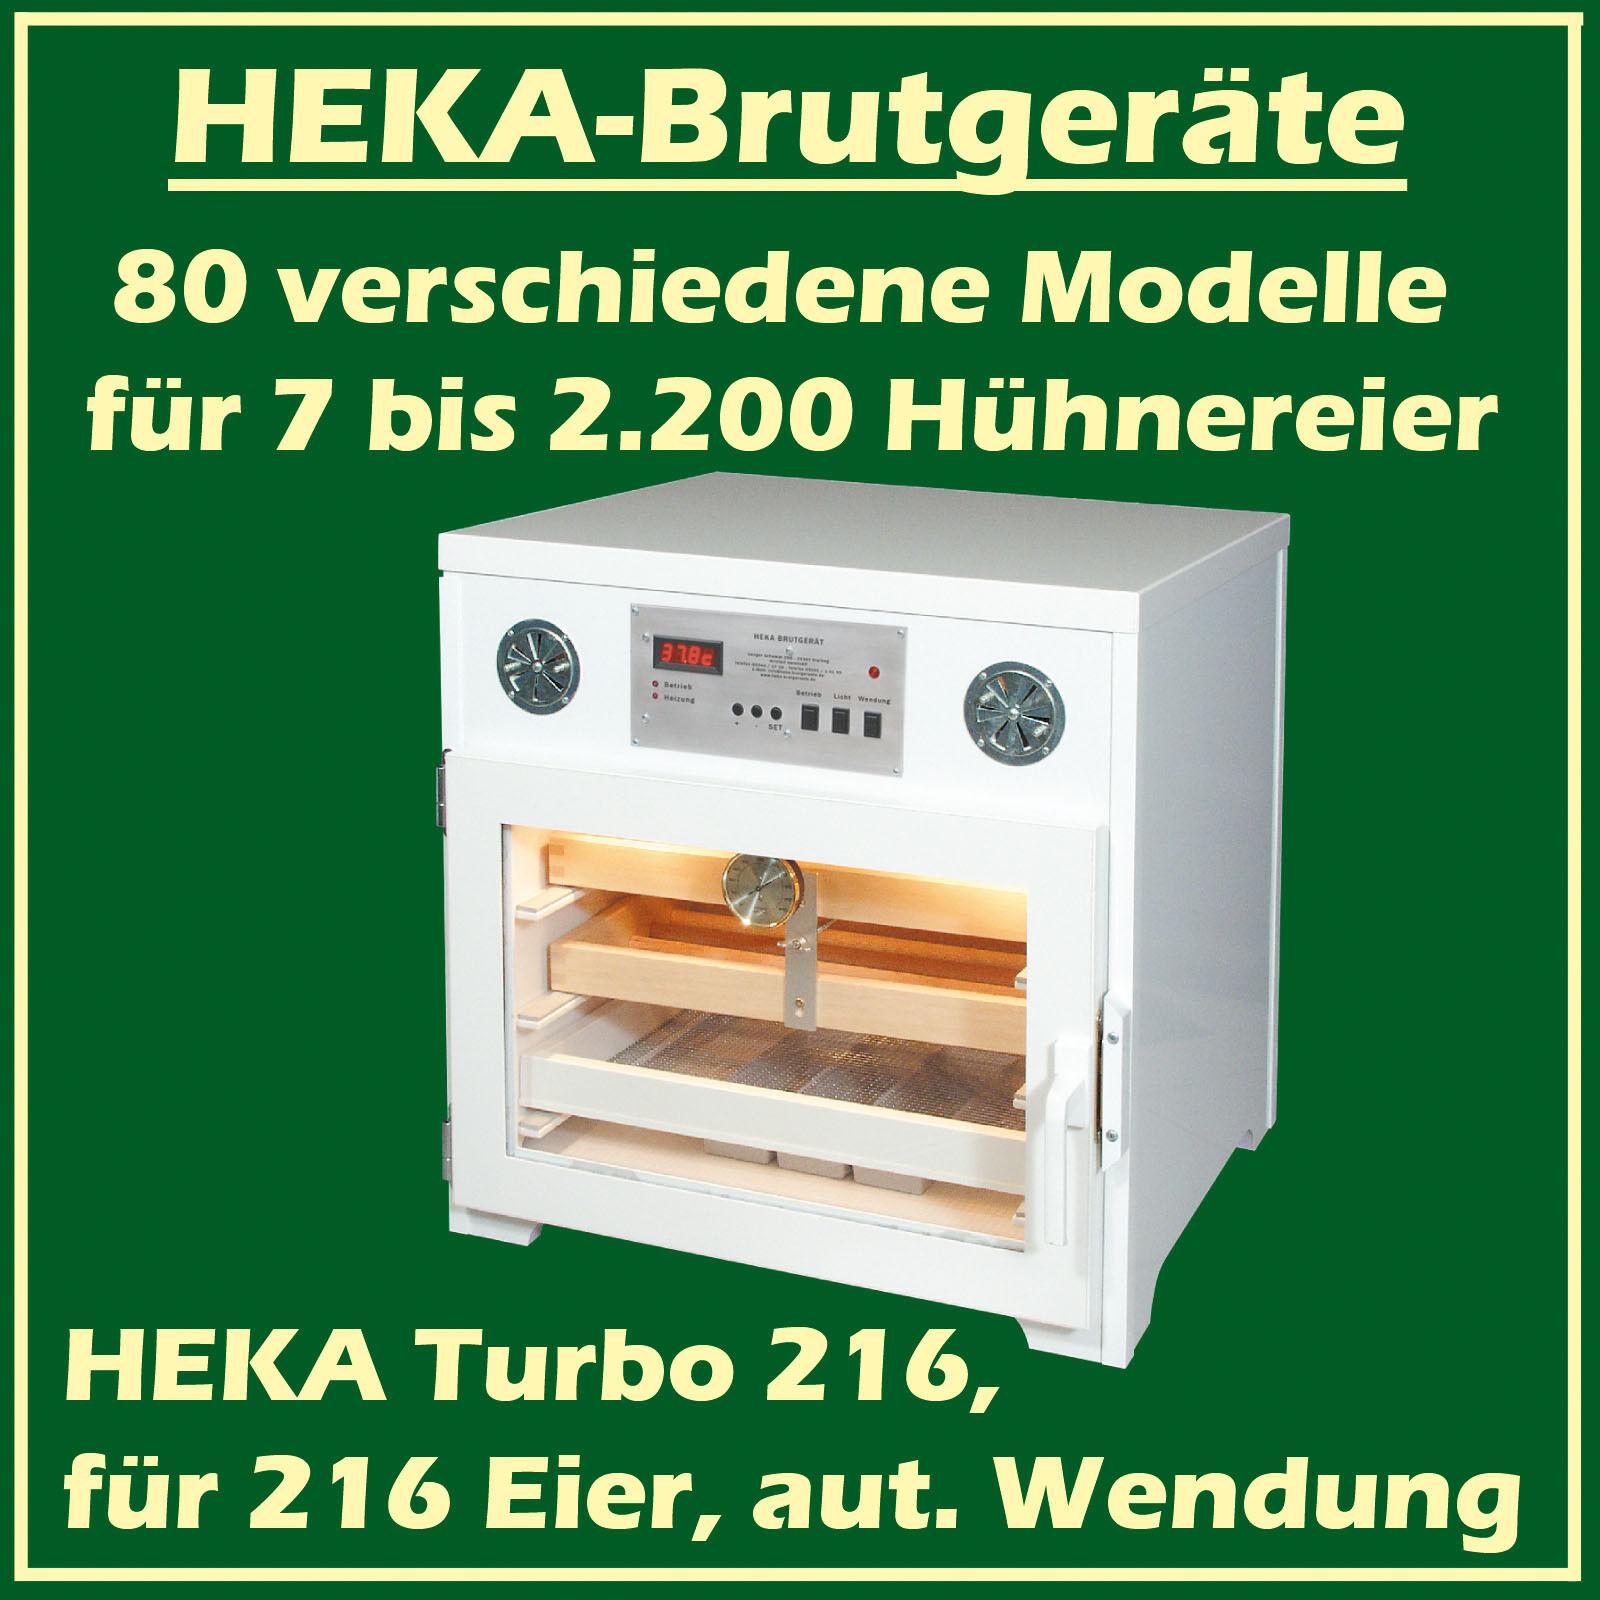 Heka Turbo 216 - Incubatrice in Plastica per 216 Uova, Con